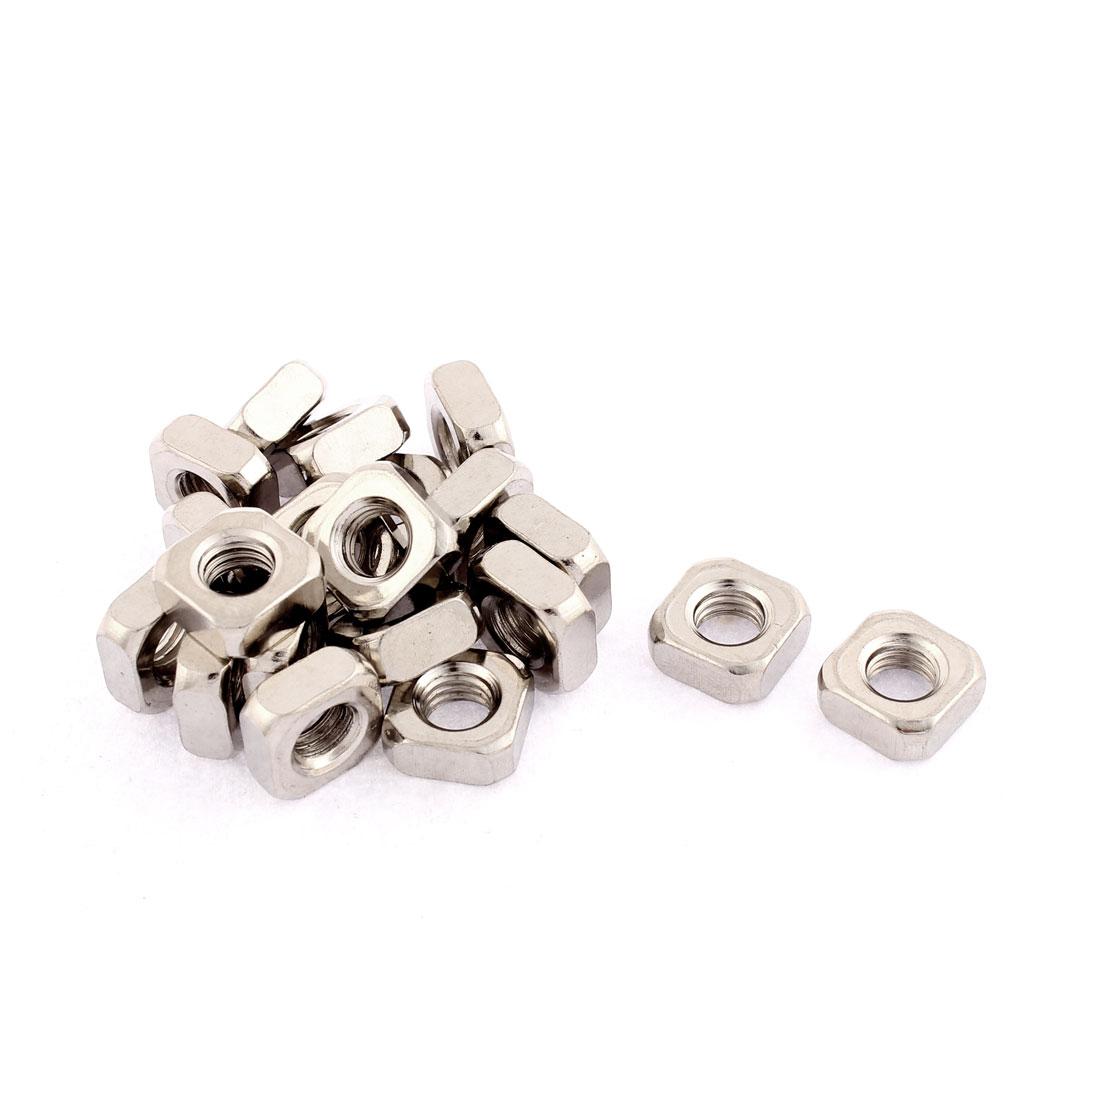 M8x14mmx6mm Metal Square Machine Screw Nuts Silver Tone 20pcs